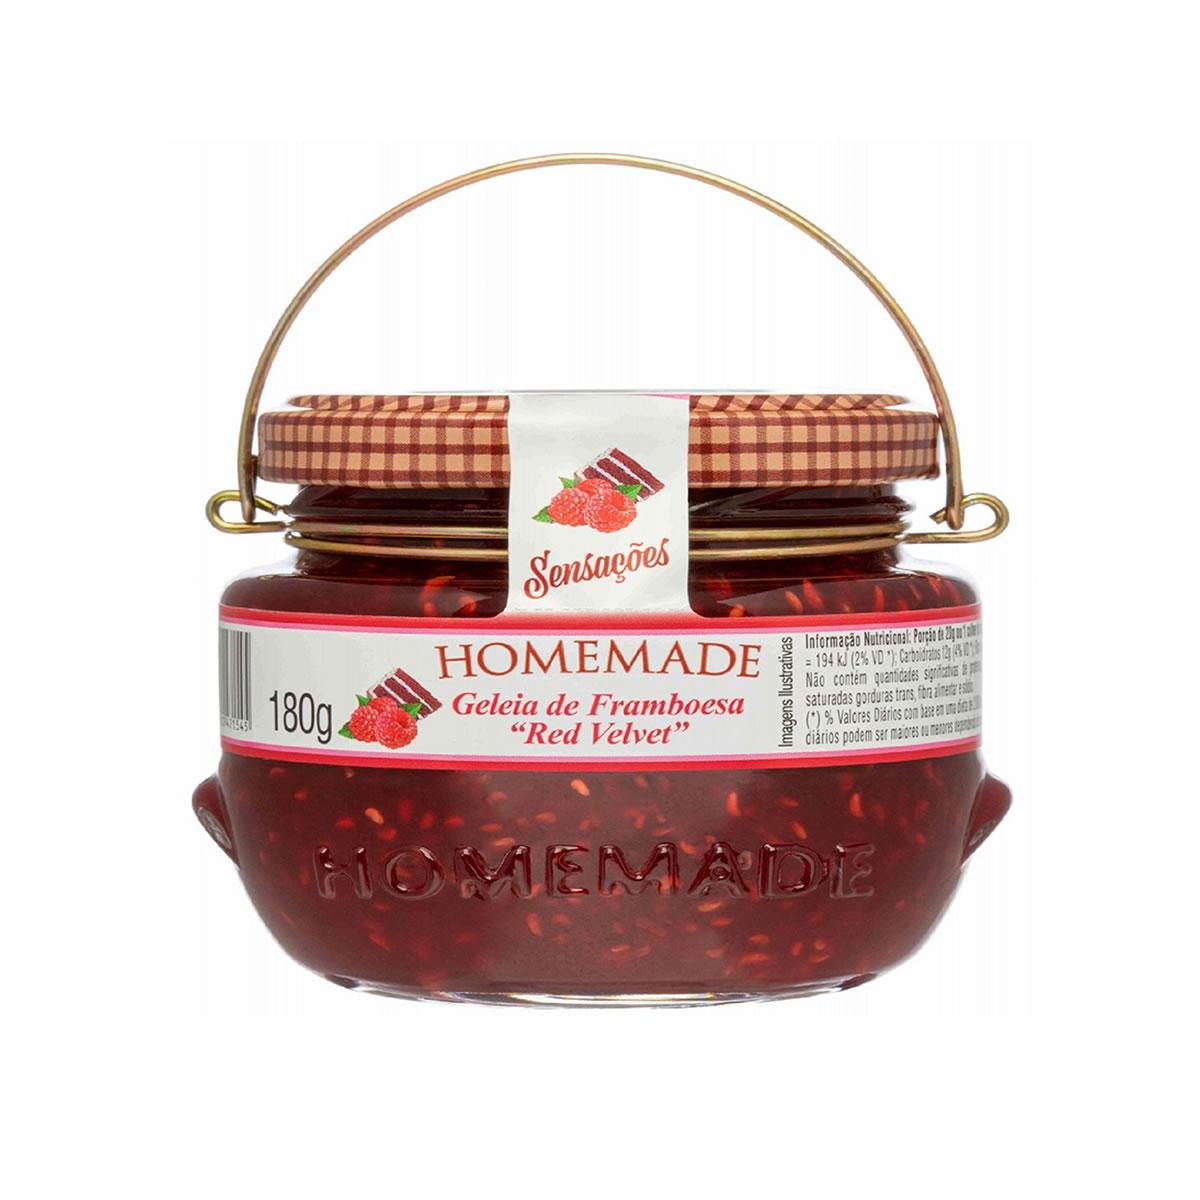 Geleia de Framboesa Red Velvet 180g - Homemade